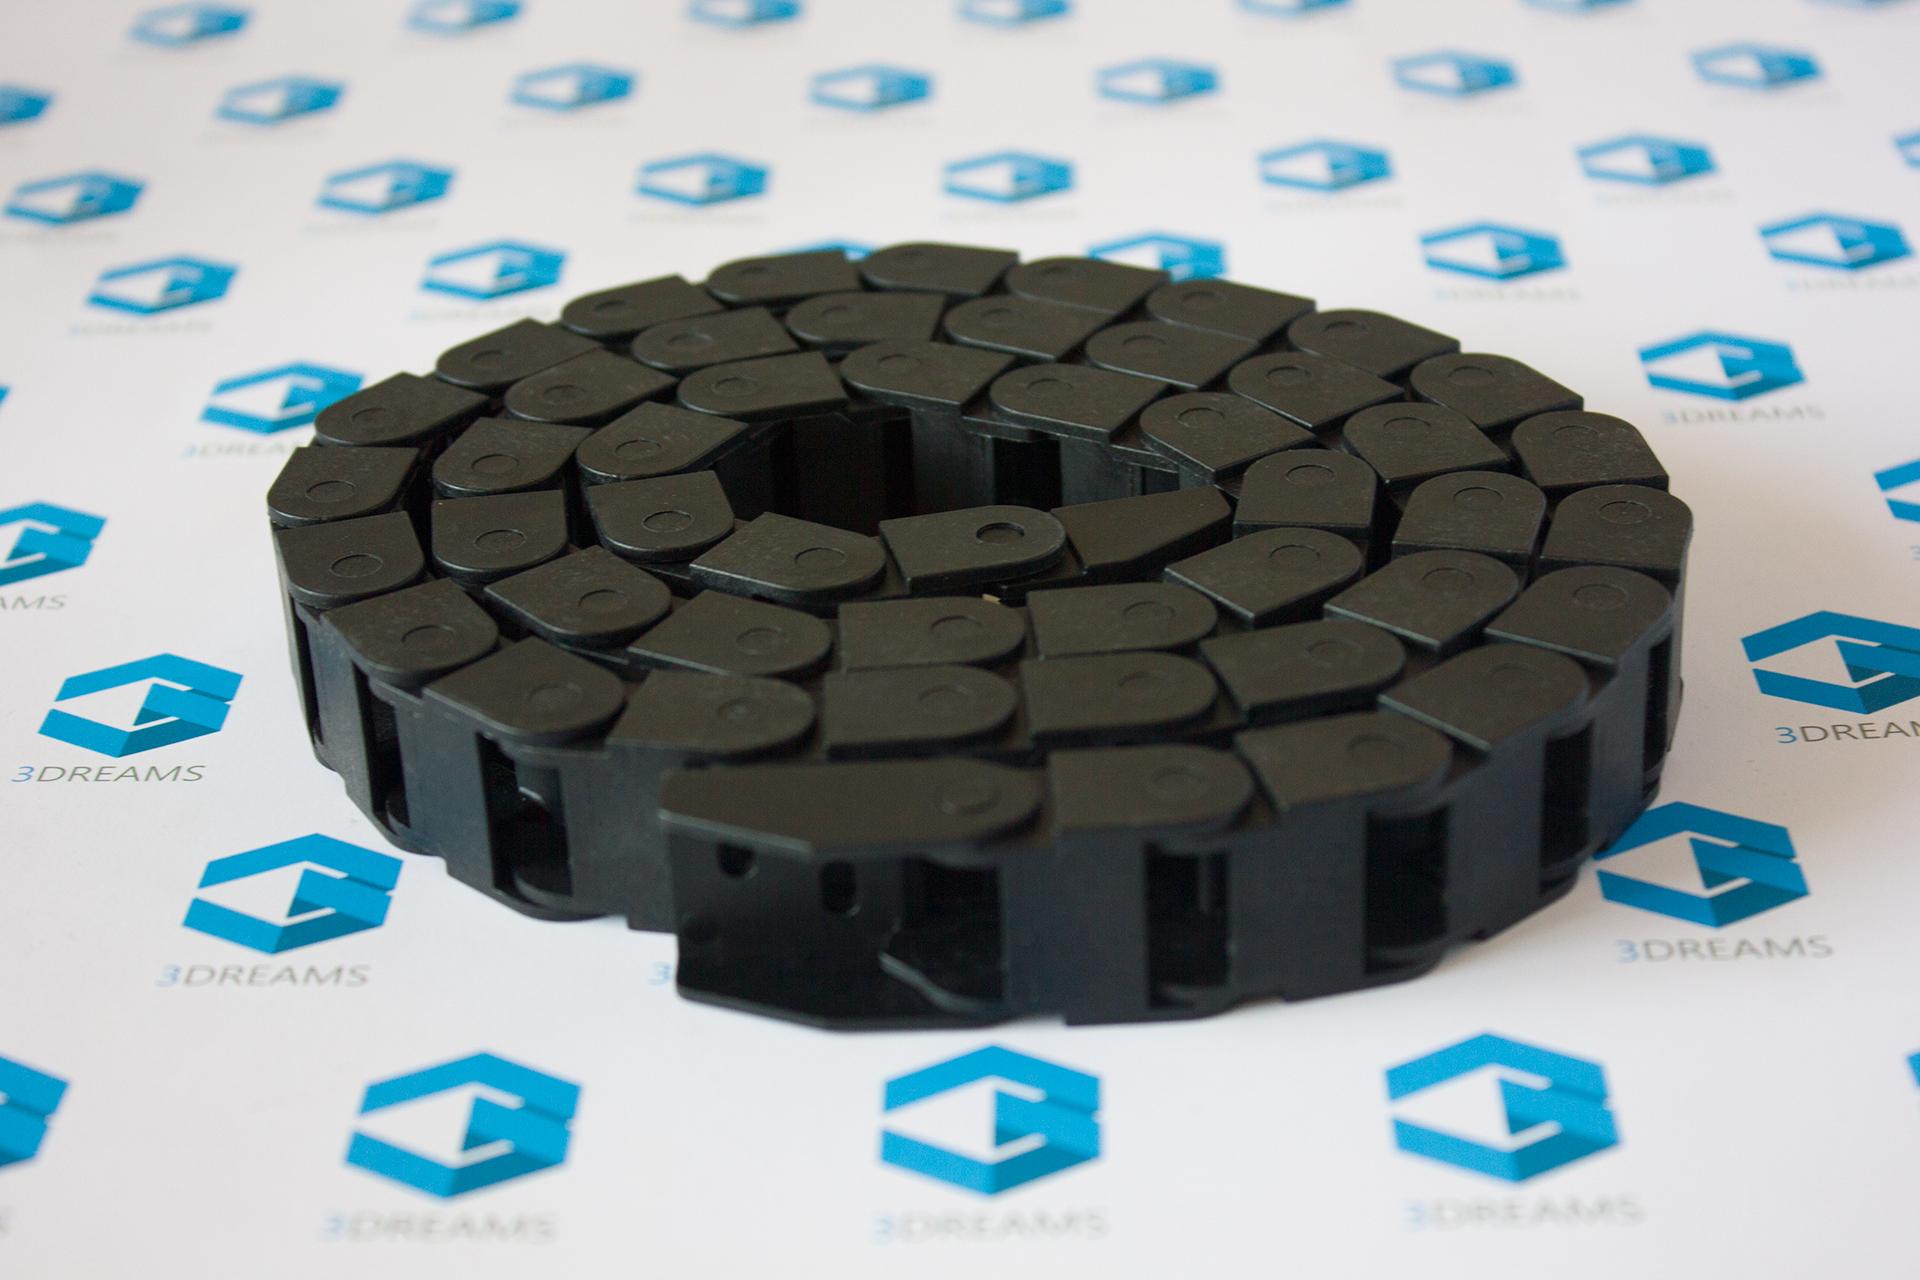 Гибкий кабель (кабелеукладчик) 10×15 мм для 3D принтера купить украина 2